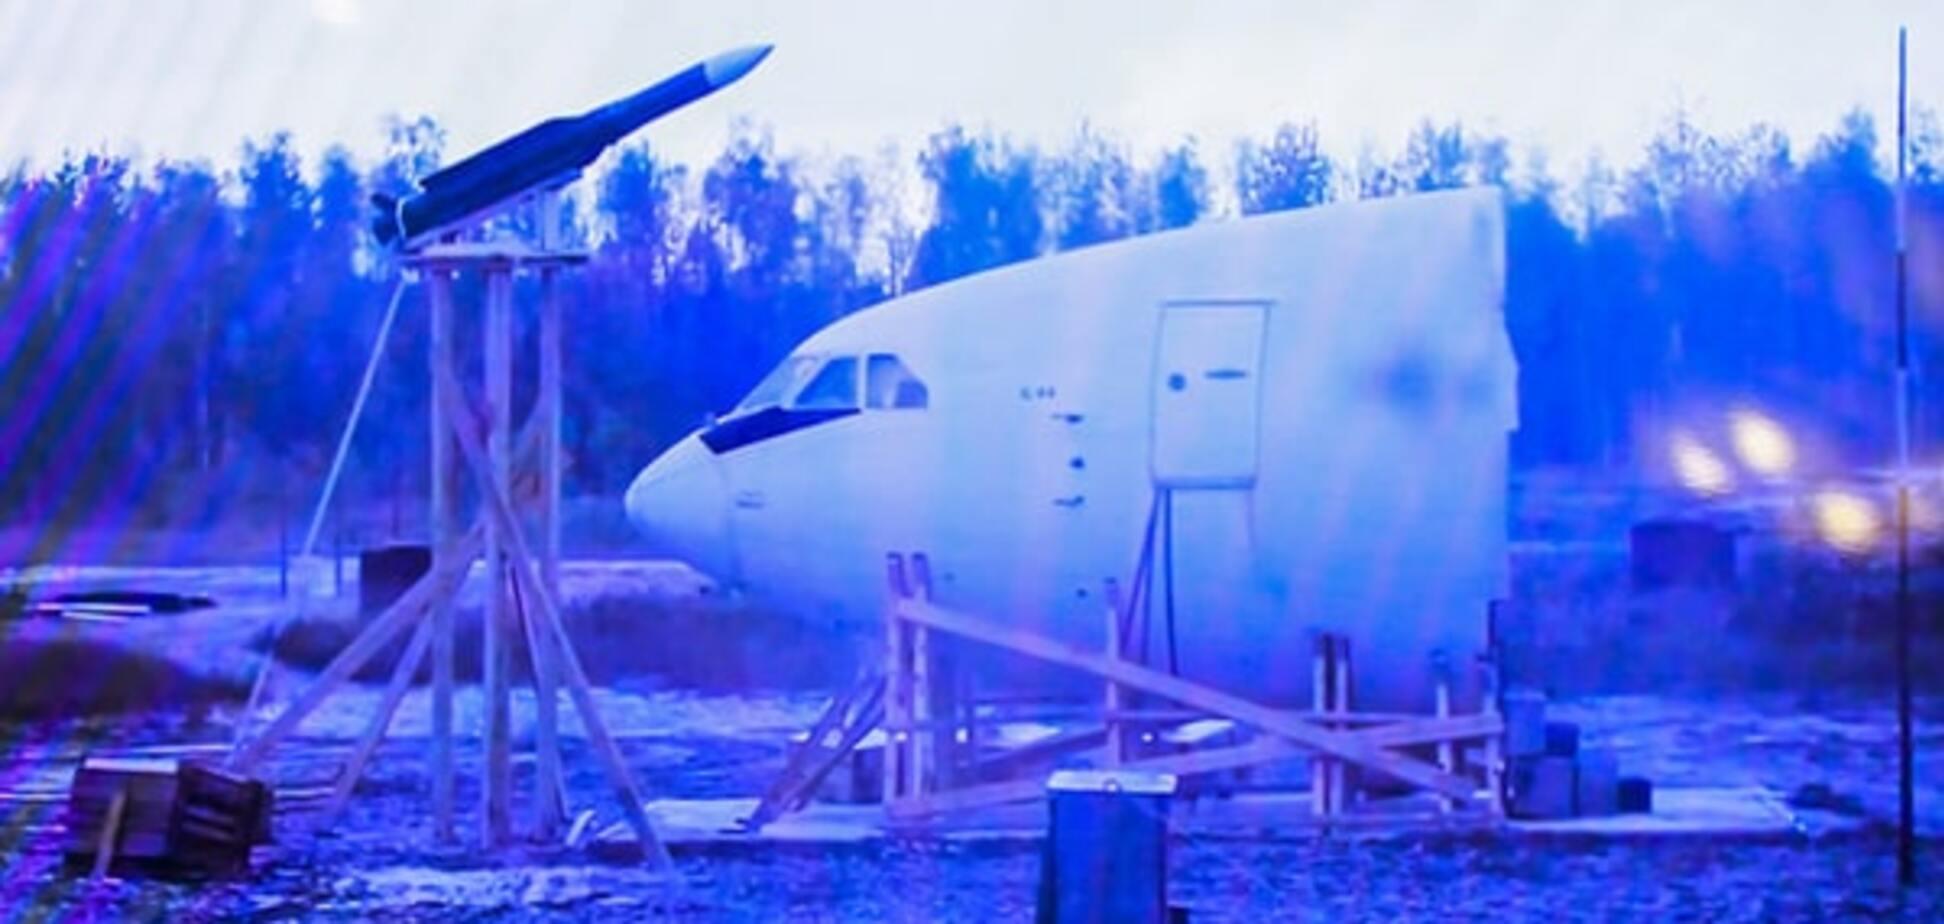 Росія намагається створити альтернативну реальність навколо МН-17 - NYT